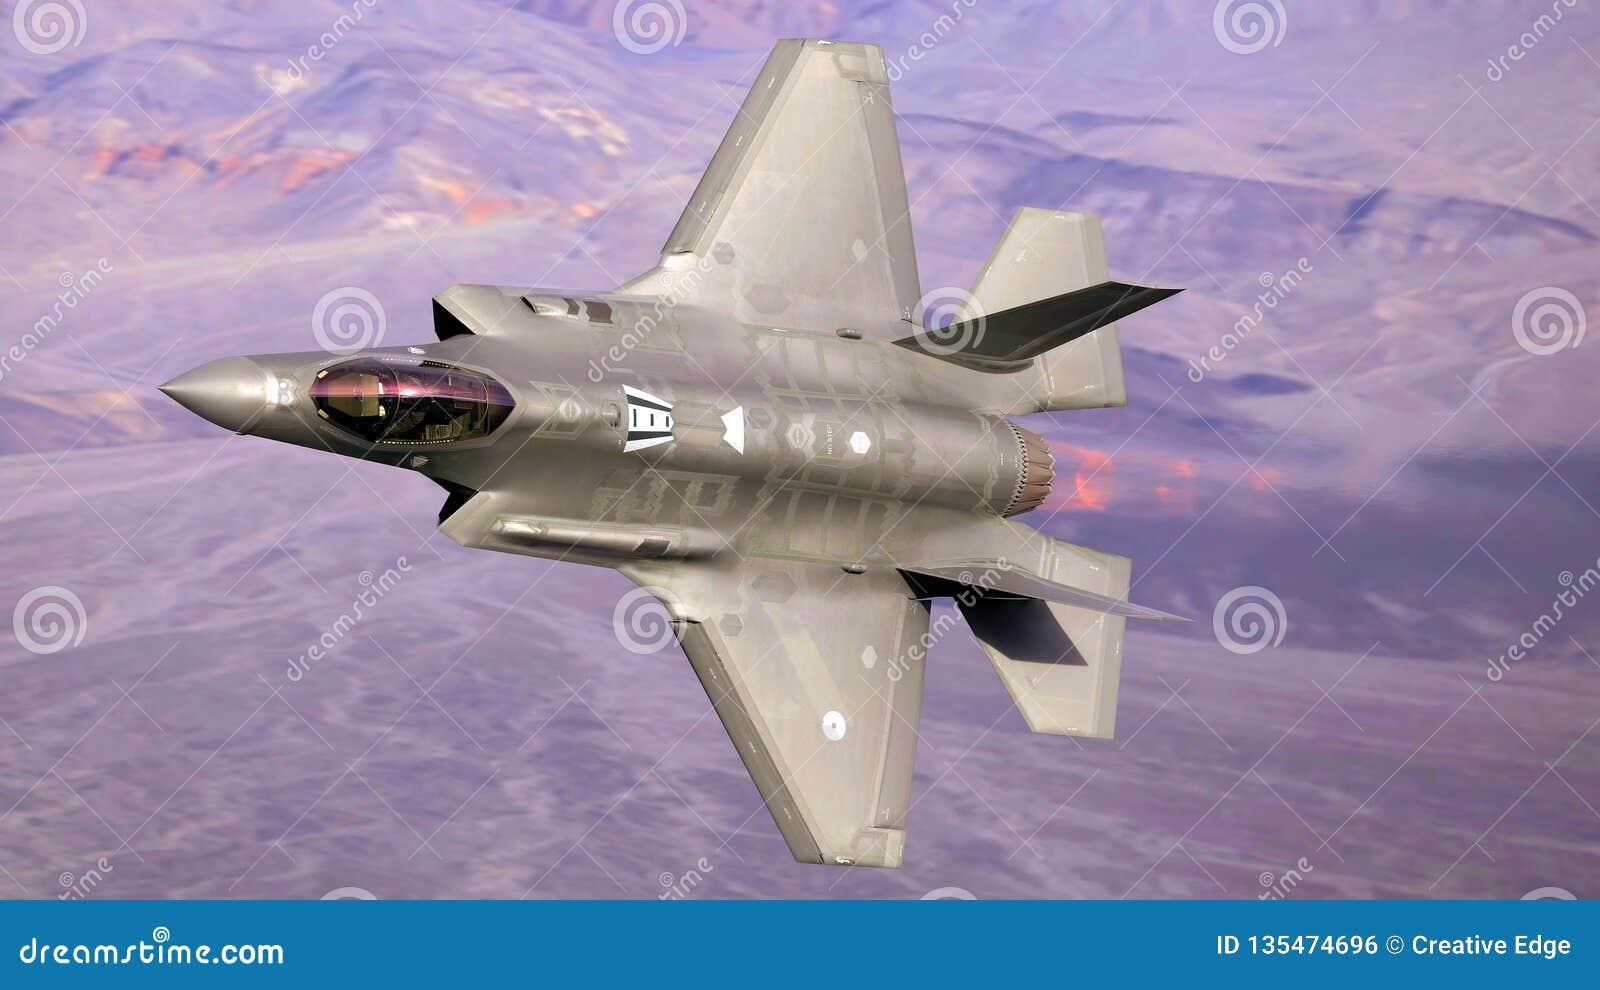 U S Luchtmacht F-35 Joint Strike Fighter (Bliksem II) het straal vliegen